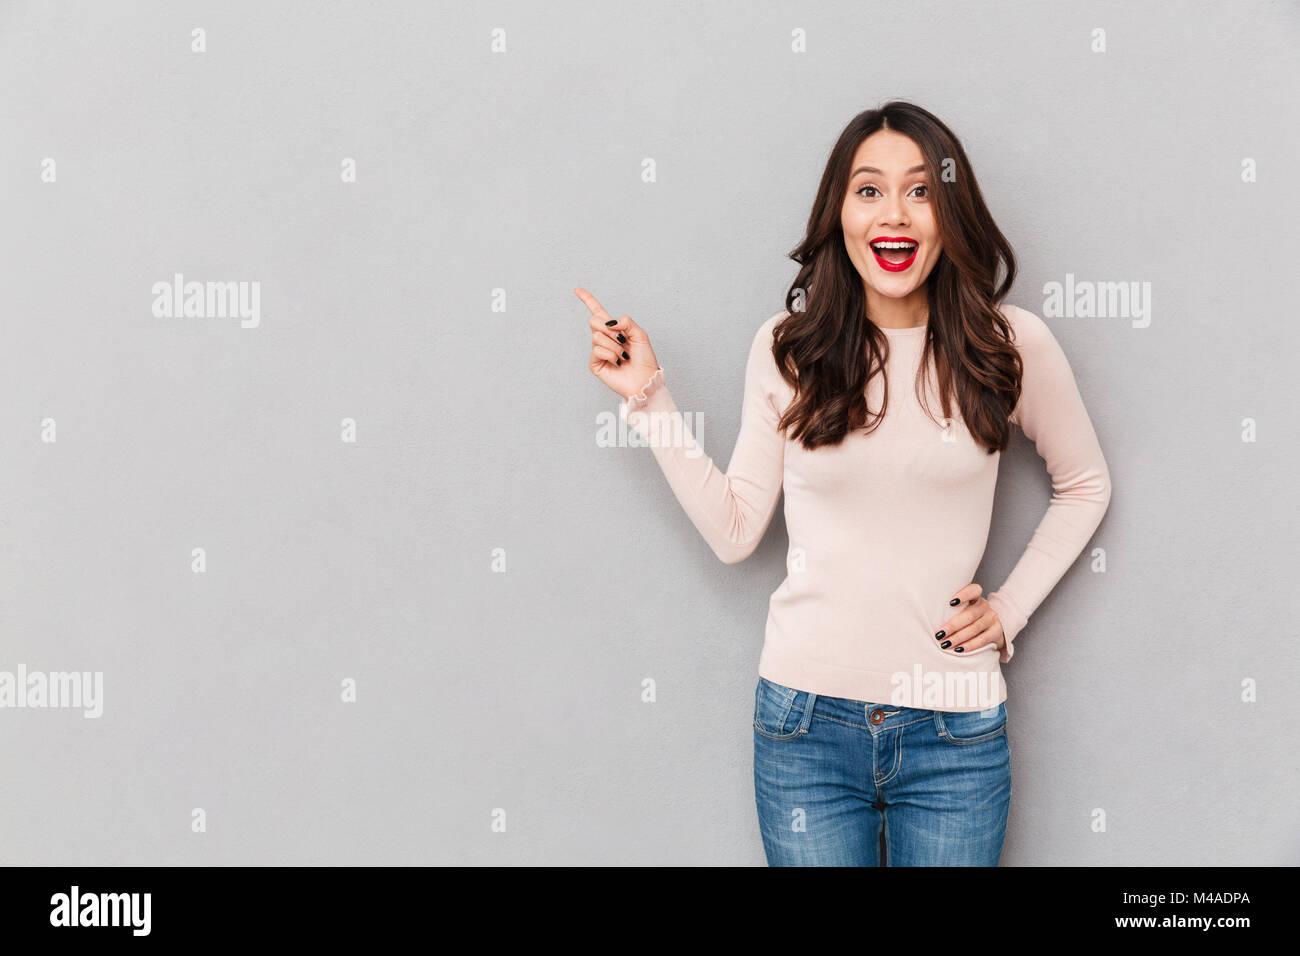 Immagine di entusiasta la ragazza con i capelli bruni puntare il dito indice a parte che mostra o prestando attenzione Immagini Stock